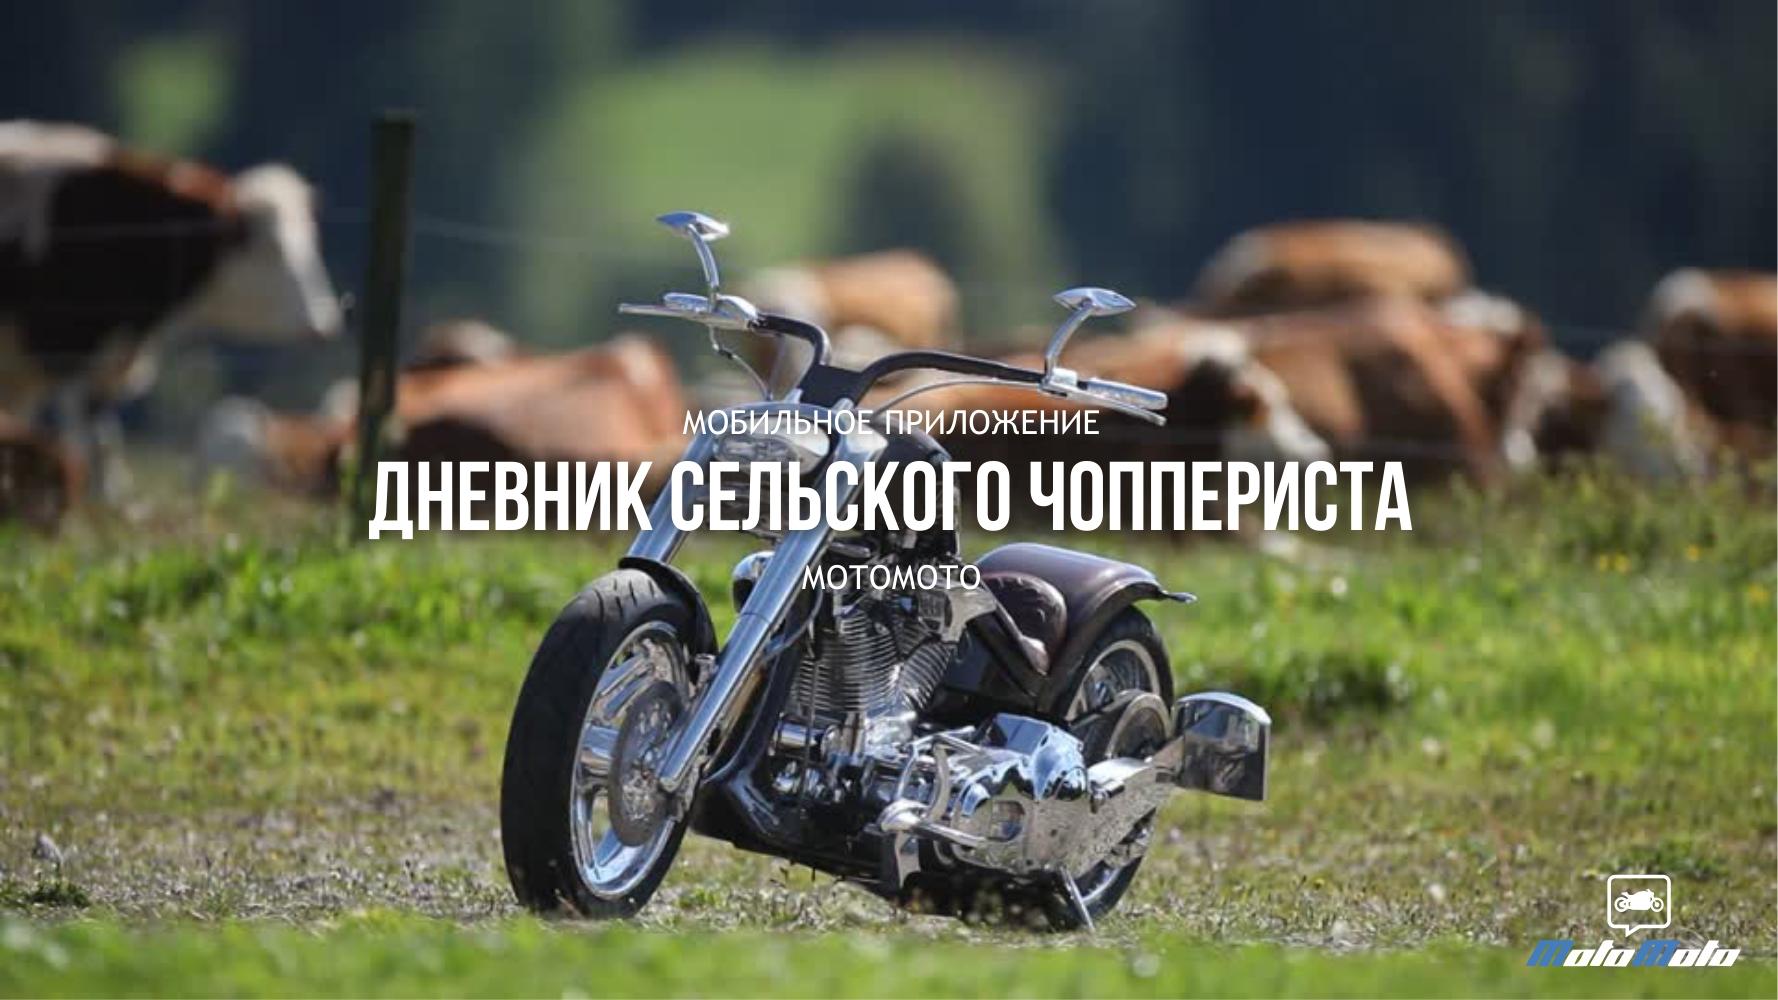 Дневник сельского чоппериста